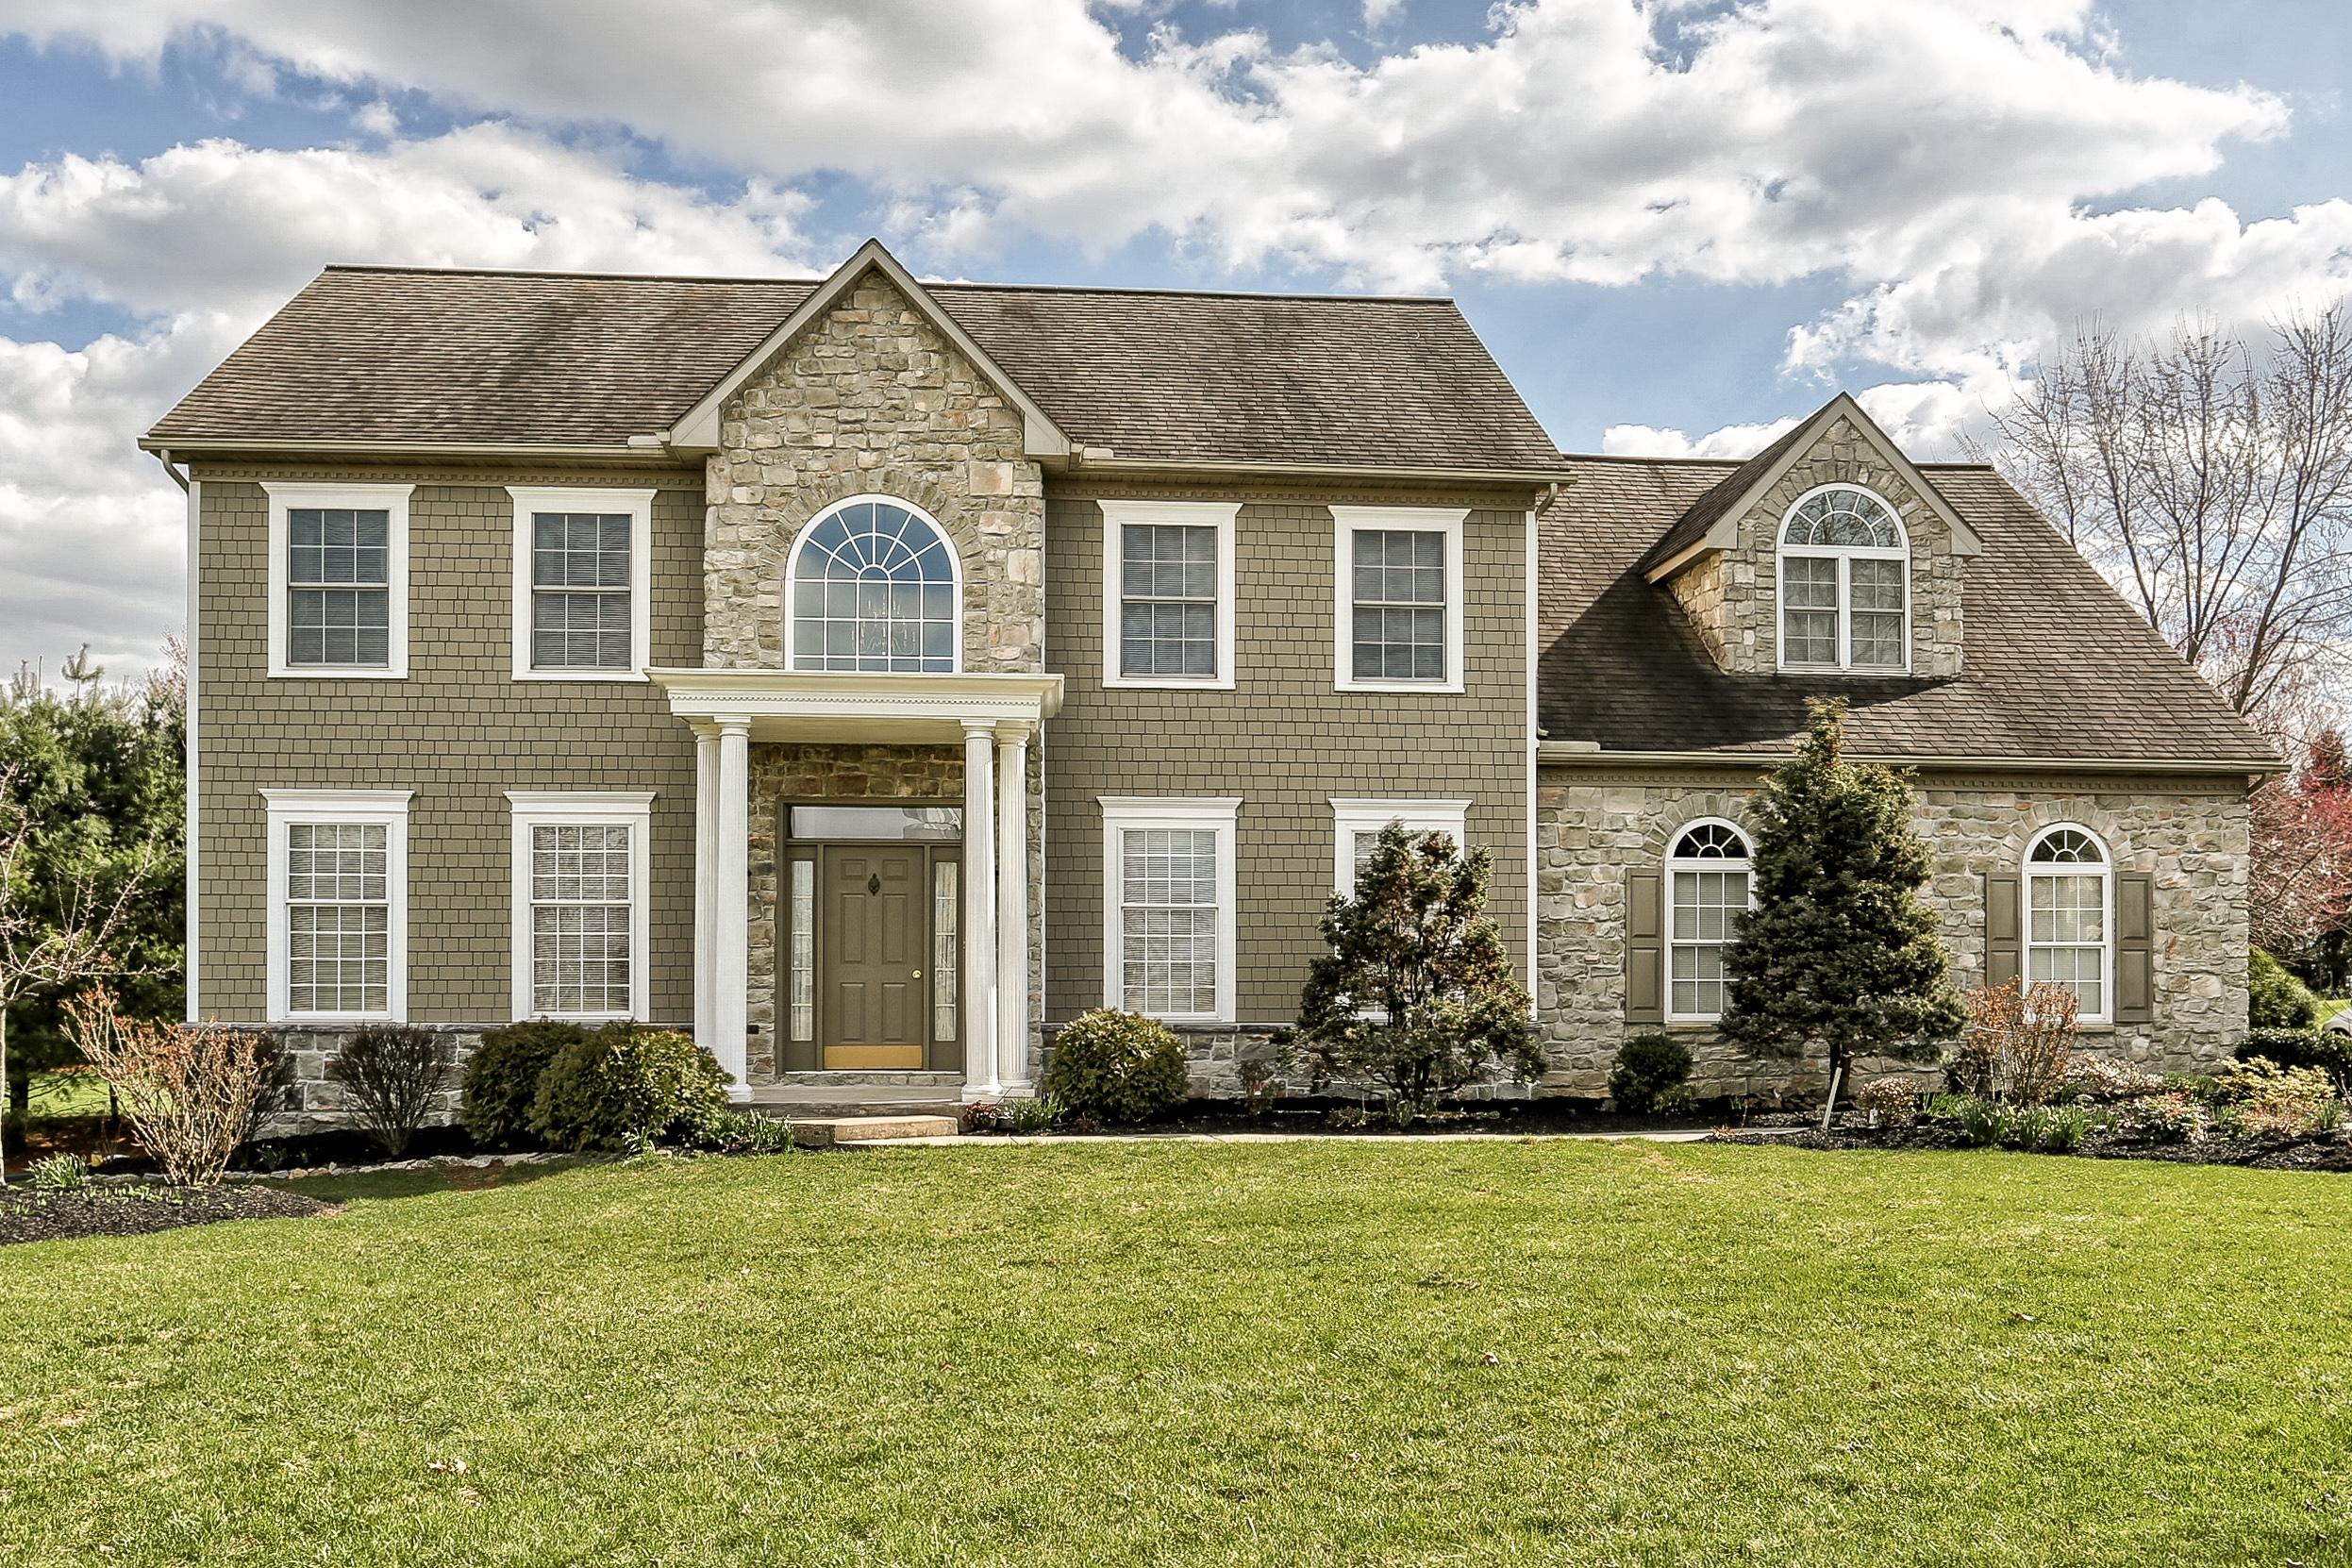 Частный односемейный дом для того Продажа на 304 Sarsen Drive Lititz, Пенсильвания 17543 Соединенные Штаты